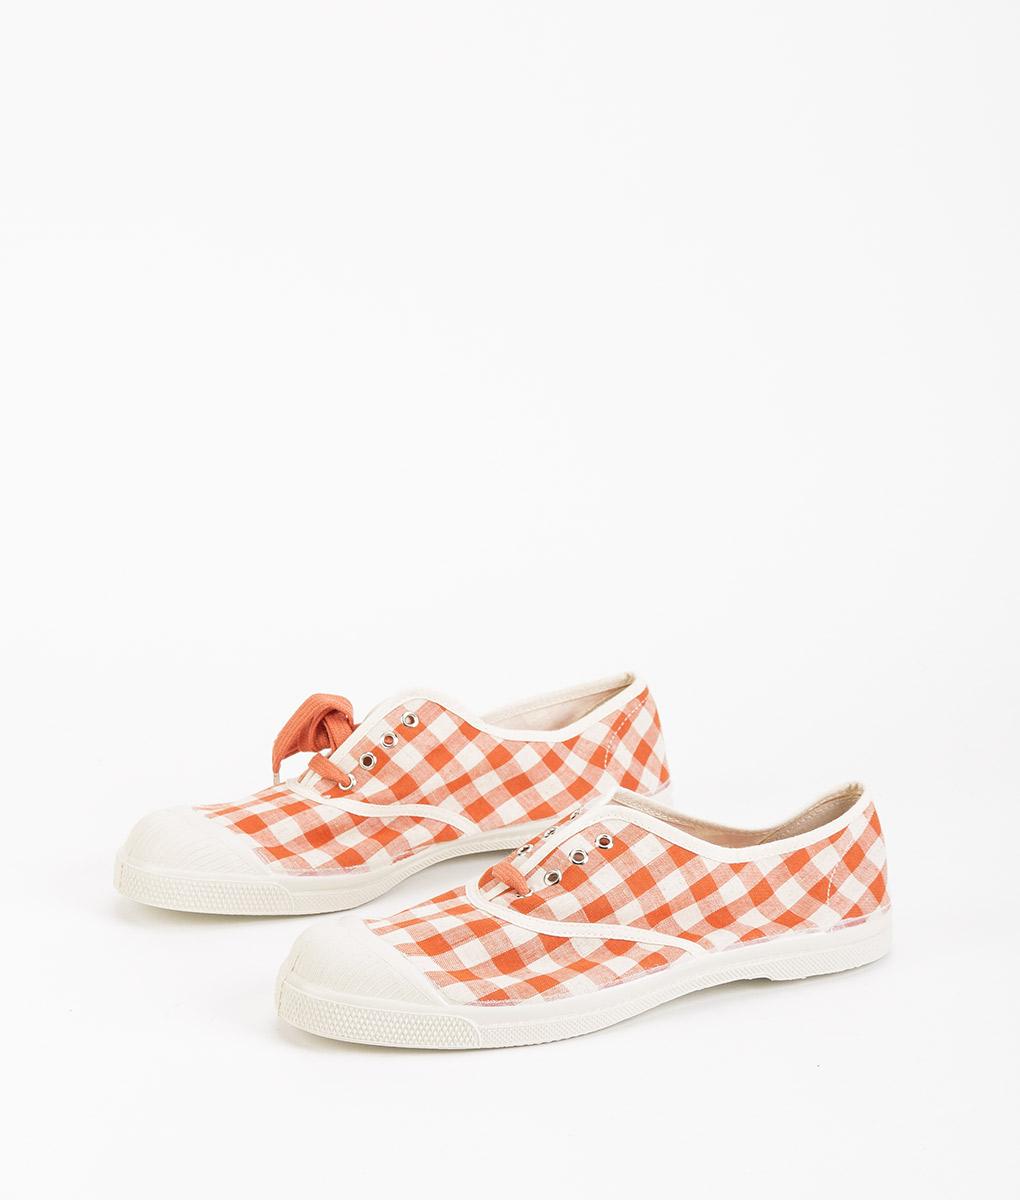 BENSIMON Women Sneakers 15004 TENNIS LACE Vichy, Coral 39.99